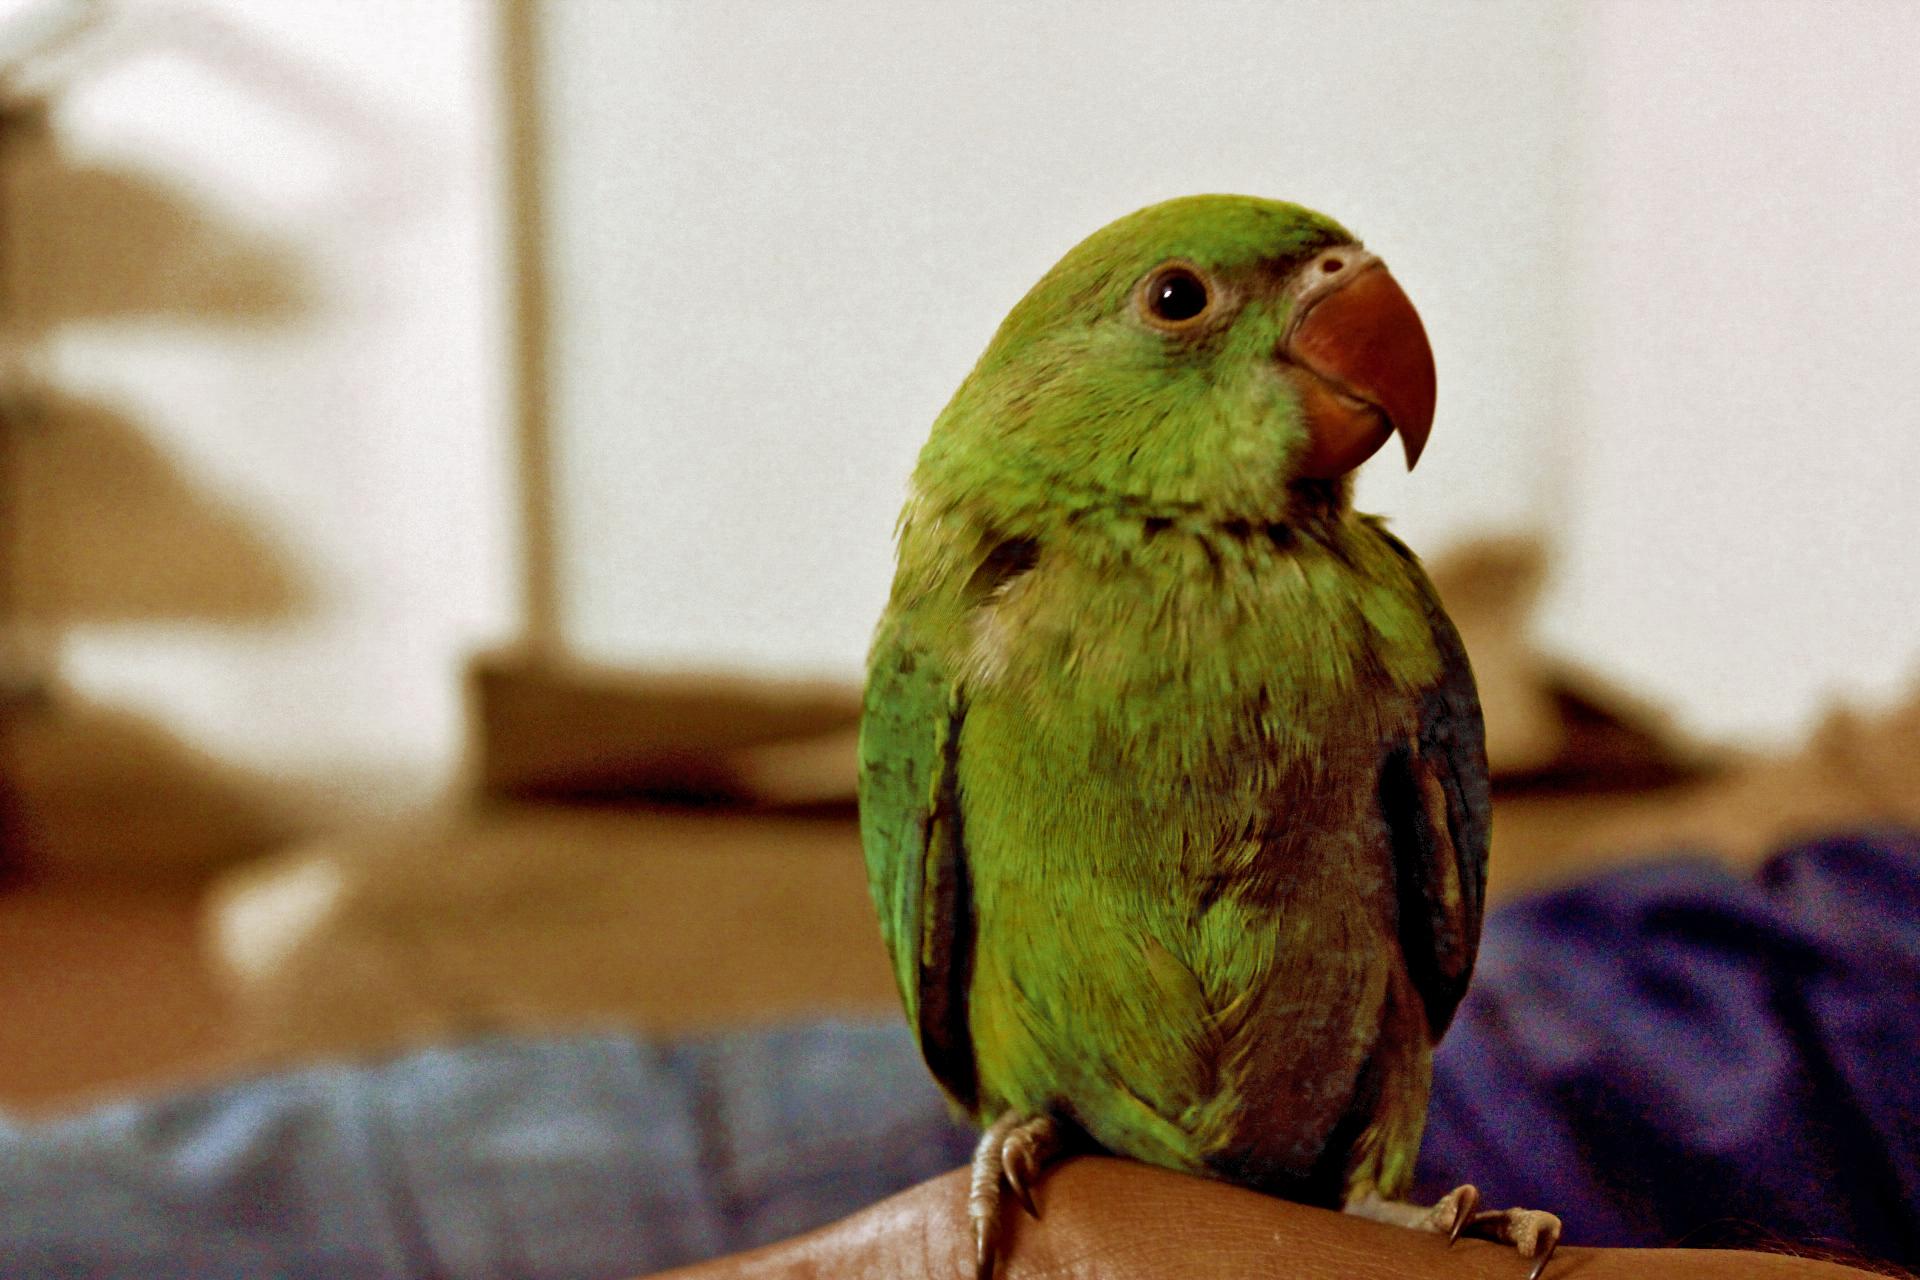 Μεγάλο μεξικάνικο πουλί φωτογραφίες